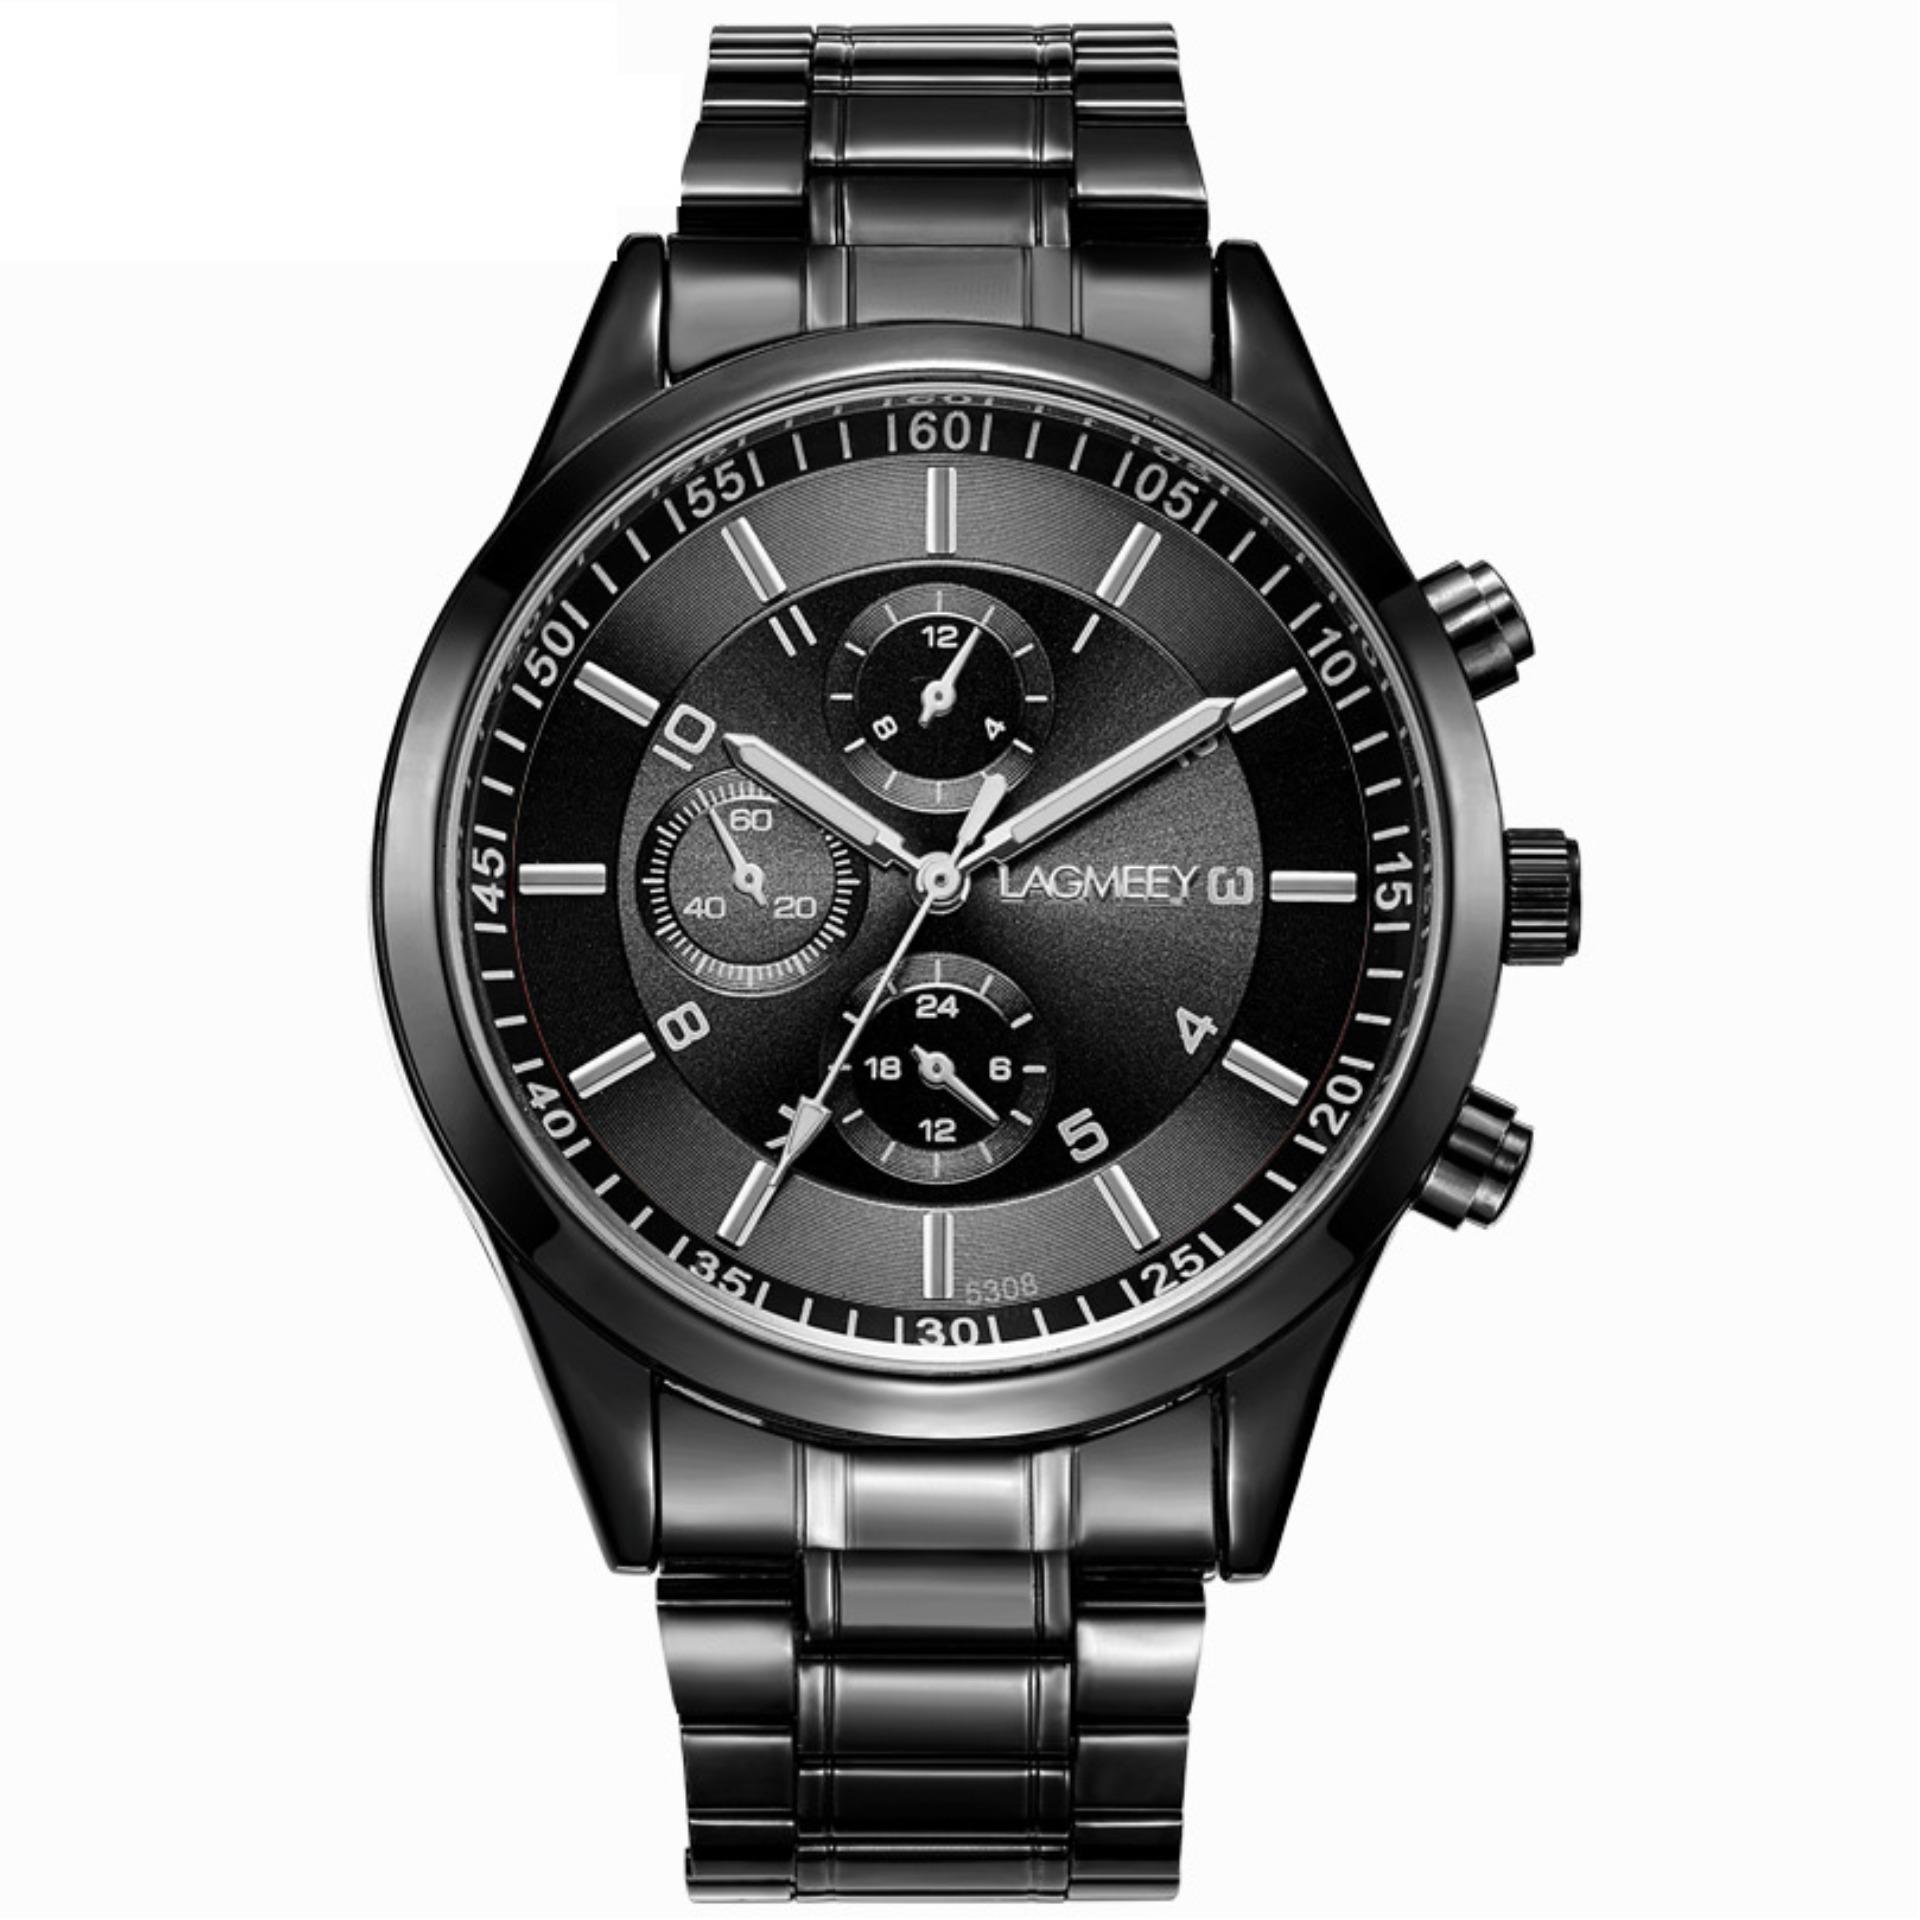 Đồng hồ nam dây thép đen cao cấp BOSCK 8251